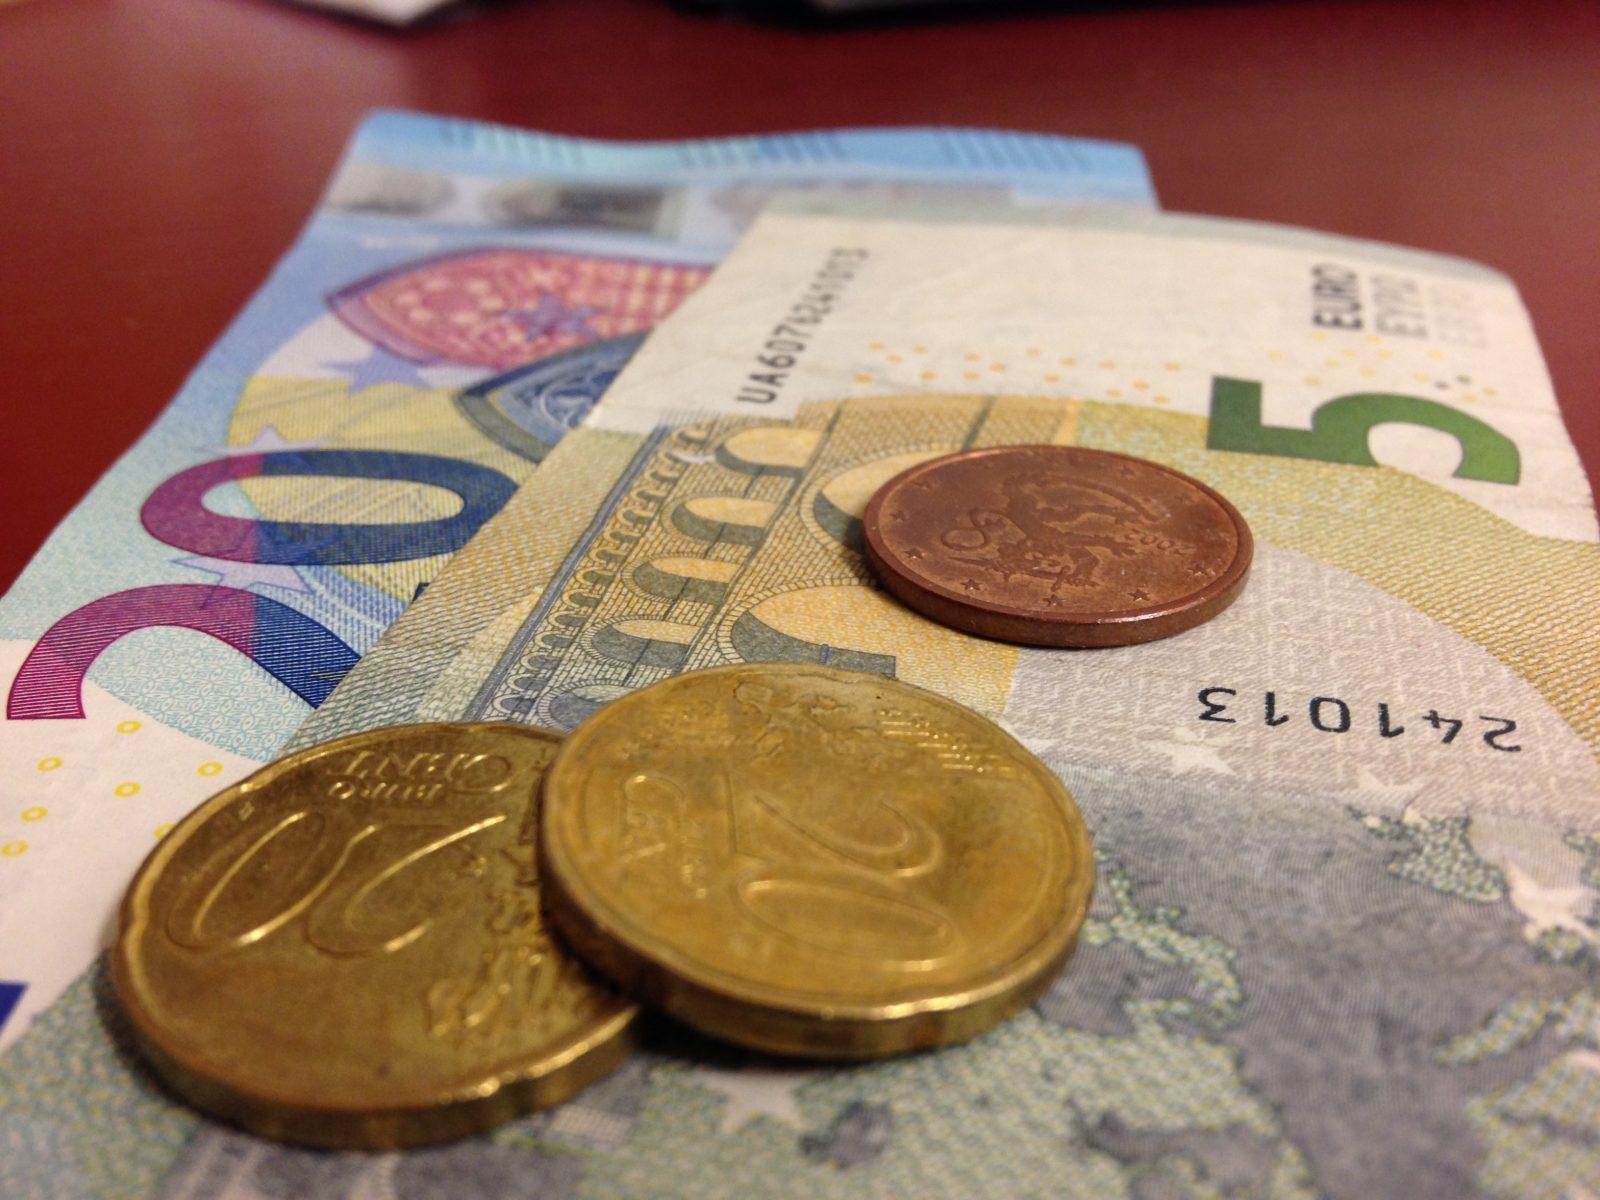 Kuvassa 20 ja 5 euron setelit ja kolme kolikkoa niiden päällä.